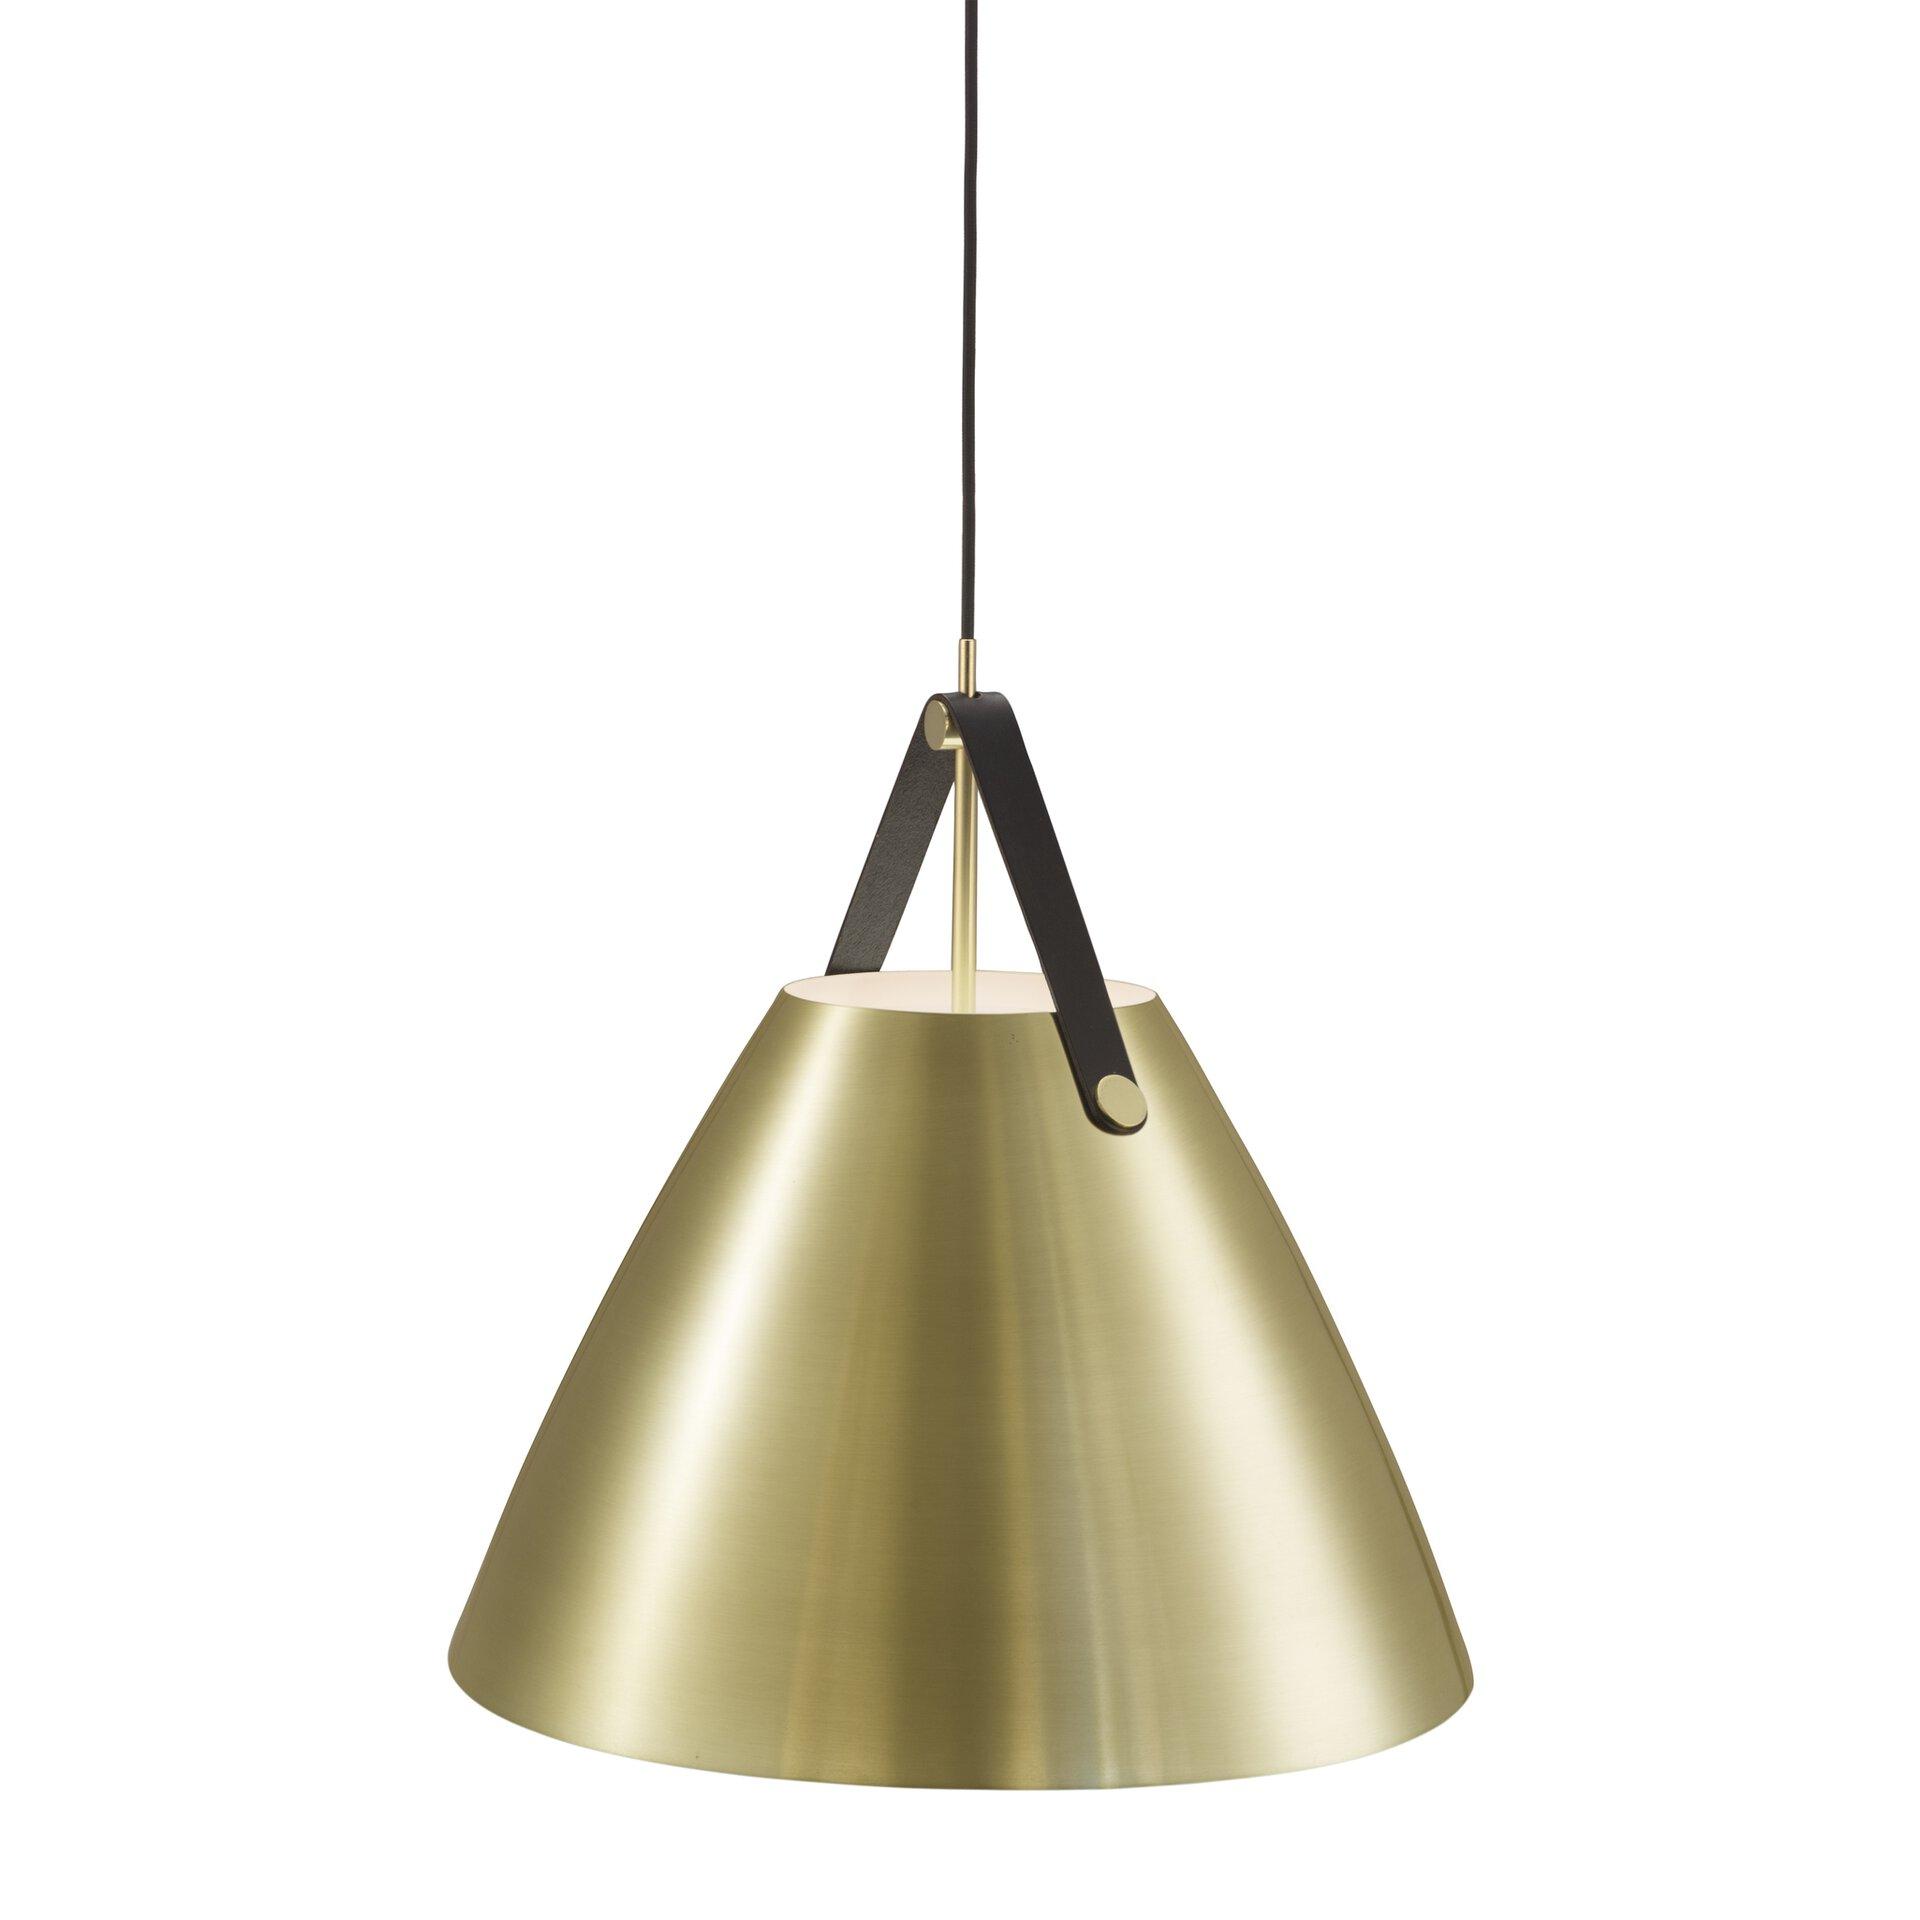 Hängeleuchte STRAP DESIGN Nordlux Metall gold 48 x 300 x 48 cm